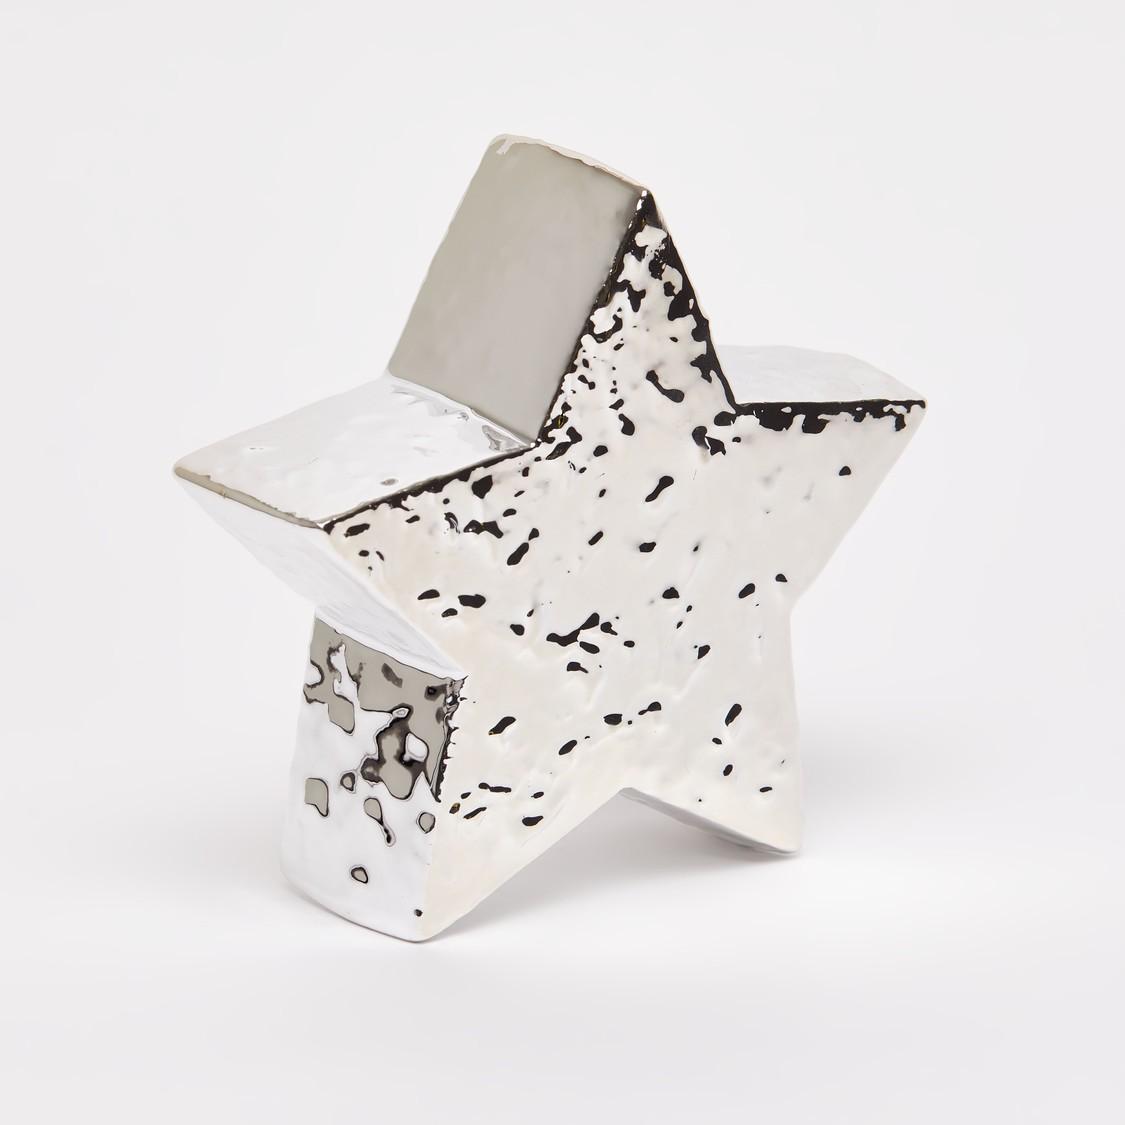 قطعة ديكور بتصميم نجمة